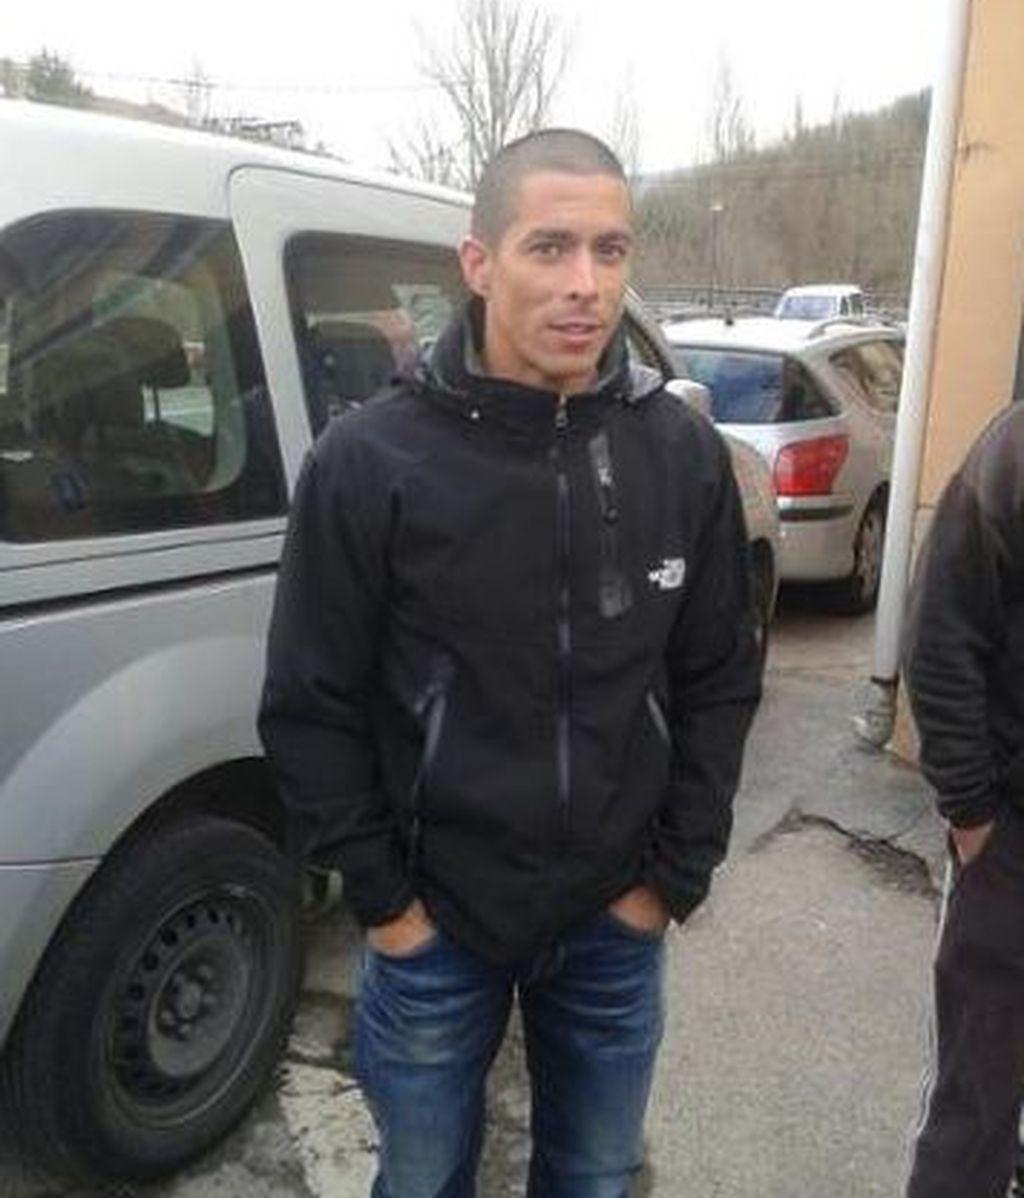 Queda en libertad el preso de ETA Josu Rodríguez Mallaviarrena